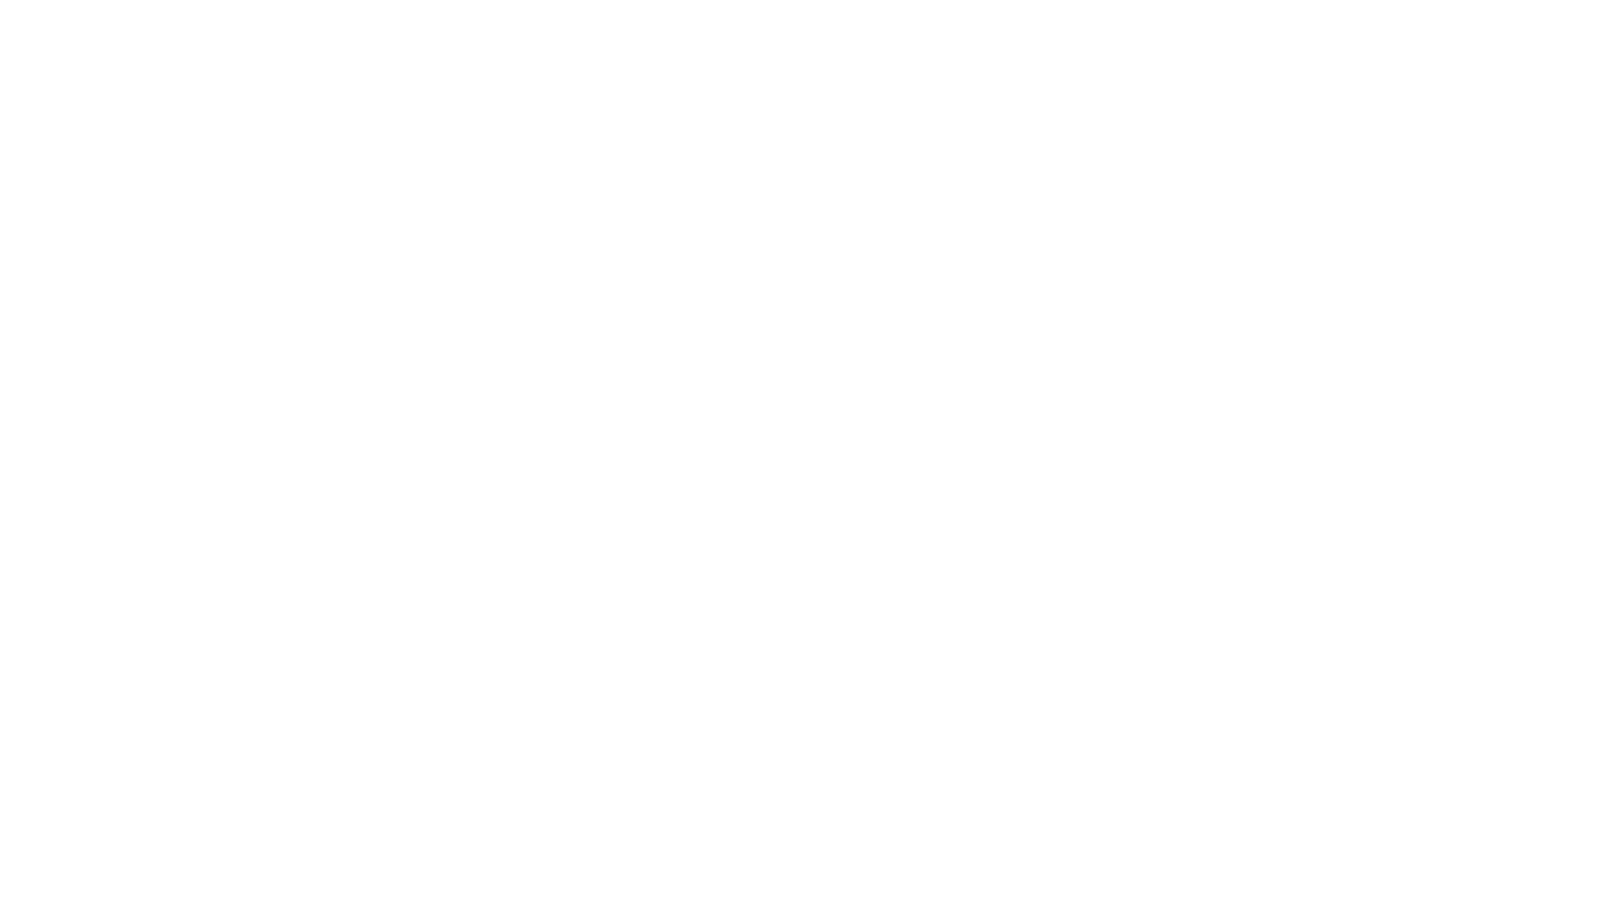 Nos toca corregir la postura y lograr relajarnos junto a Miquel Berga. En esta sesión practicaremos ejercicios de relajación y ejercicios posturales que nos ayudarán a disminuir la tensión corporal y obtener una mejor postura del cuerpo.  Precauciones 👇 Realice un examen médico antes de iniciarse la práctica deportiva, especialmente si sufre de alguna patología crónica o tiene edad avanzada. Realice un calentamiento previo. Manténgase hidratado. Use una vestimenta cómoda y ajustada. Use un calzado cerrado y antideslizante. Adapte la intensidad y duración del ejercicio a sus capacidades. En caso de duda contacte con un entrenador físico titulado para que le asesore. En caso de sentir mareo, vértigo, pérdida de consciencia, dolor o cualquier otro tipo de indisposición, detenga inmediatamente la práctica deportiva y contacte con los servicios de atención sanitaria.  Suscríbete a nuestro canal y si quieres pedir más información no dudes en ponerte en contacto con nosotros a través del siguiente link:  https://sielbleu.es/contacto-nuevo/  No te olvides de seguirnos en todas nuestras redes para aprender mucho más. Facebook: https://www.facebook.com/SielBleuEspana/ Instagram: https://www.instagram.com/sielbleuespana Twitter: https://twitter.com/SielBleuEspana